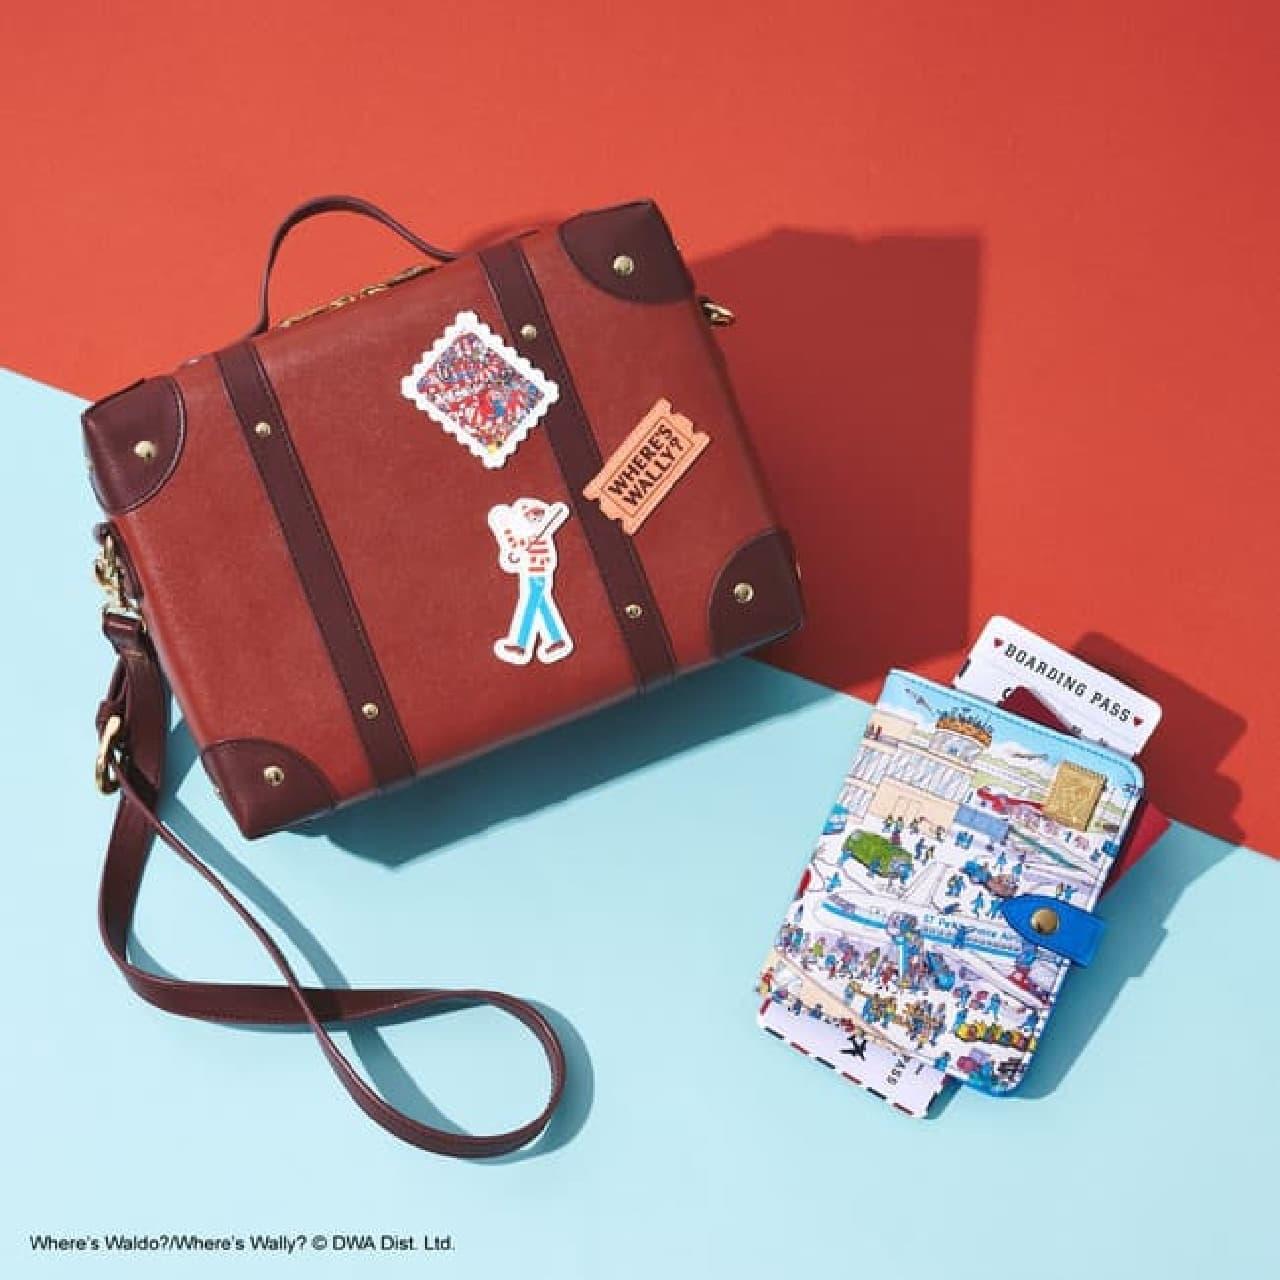 サマンサタバサプチチョイス「ウォーリーをさがせ!」コレクション -- 旅をイメージした財布・ポーチ・ショルダーバッグなど